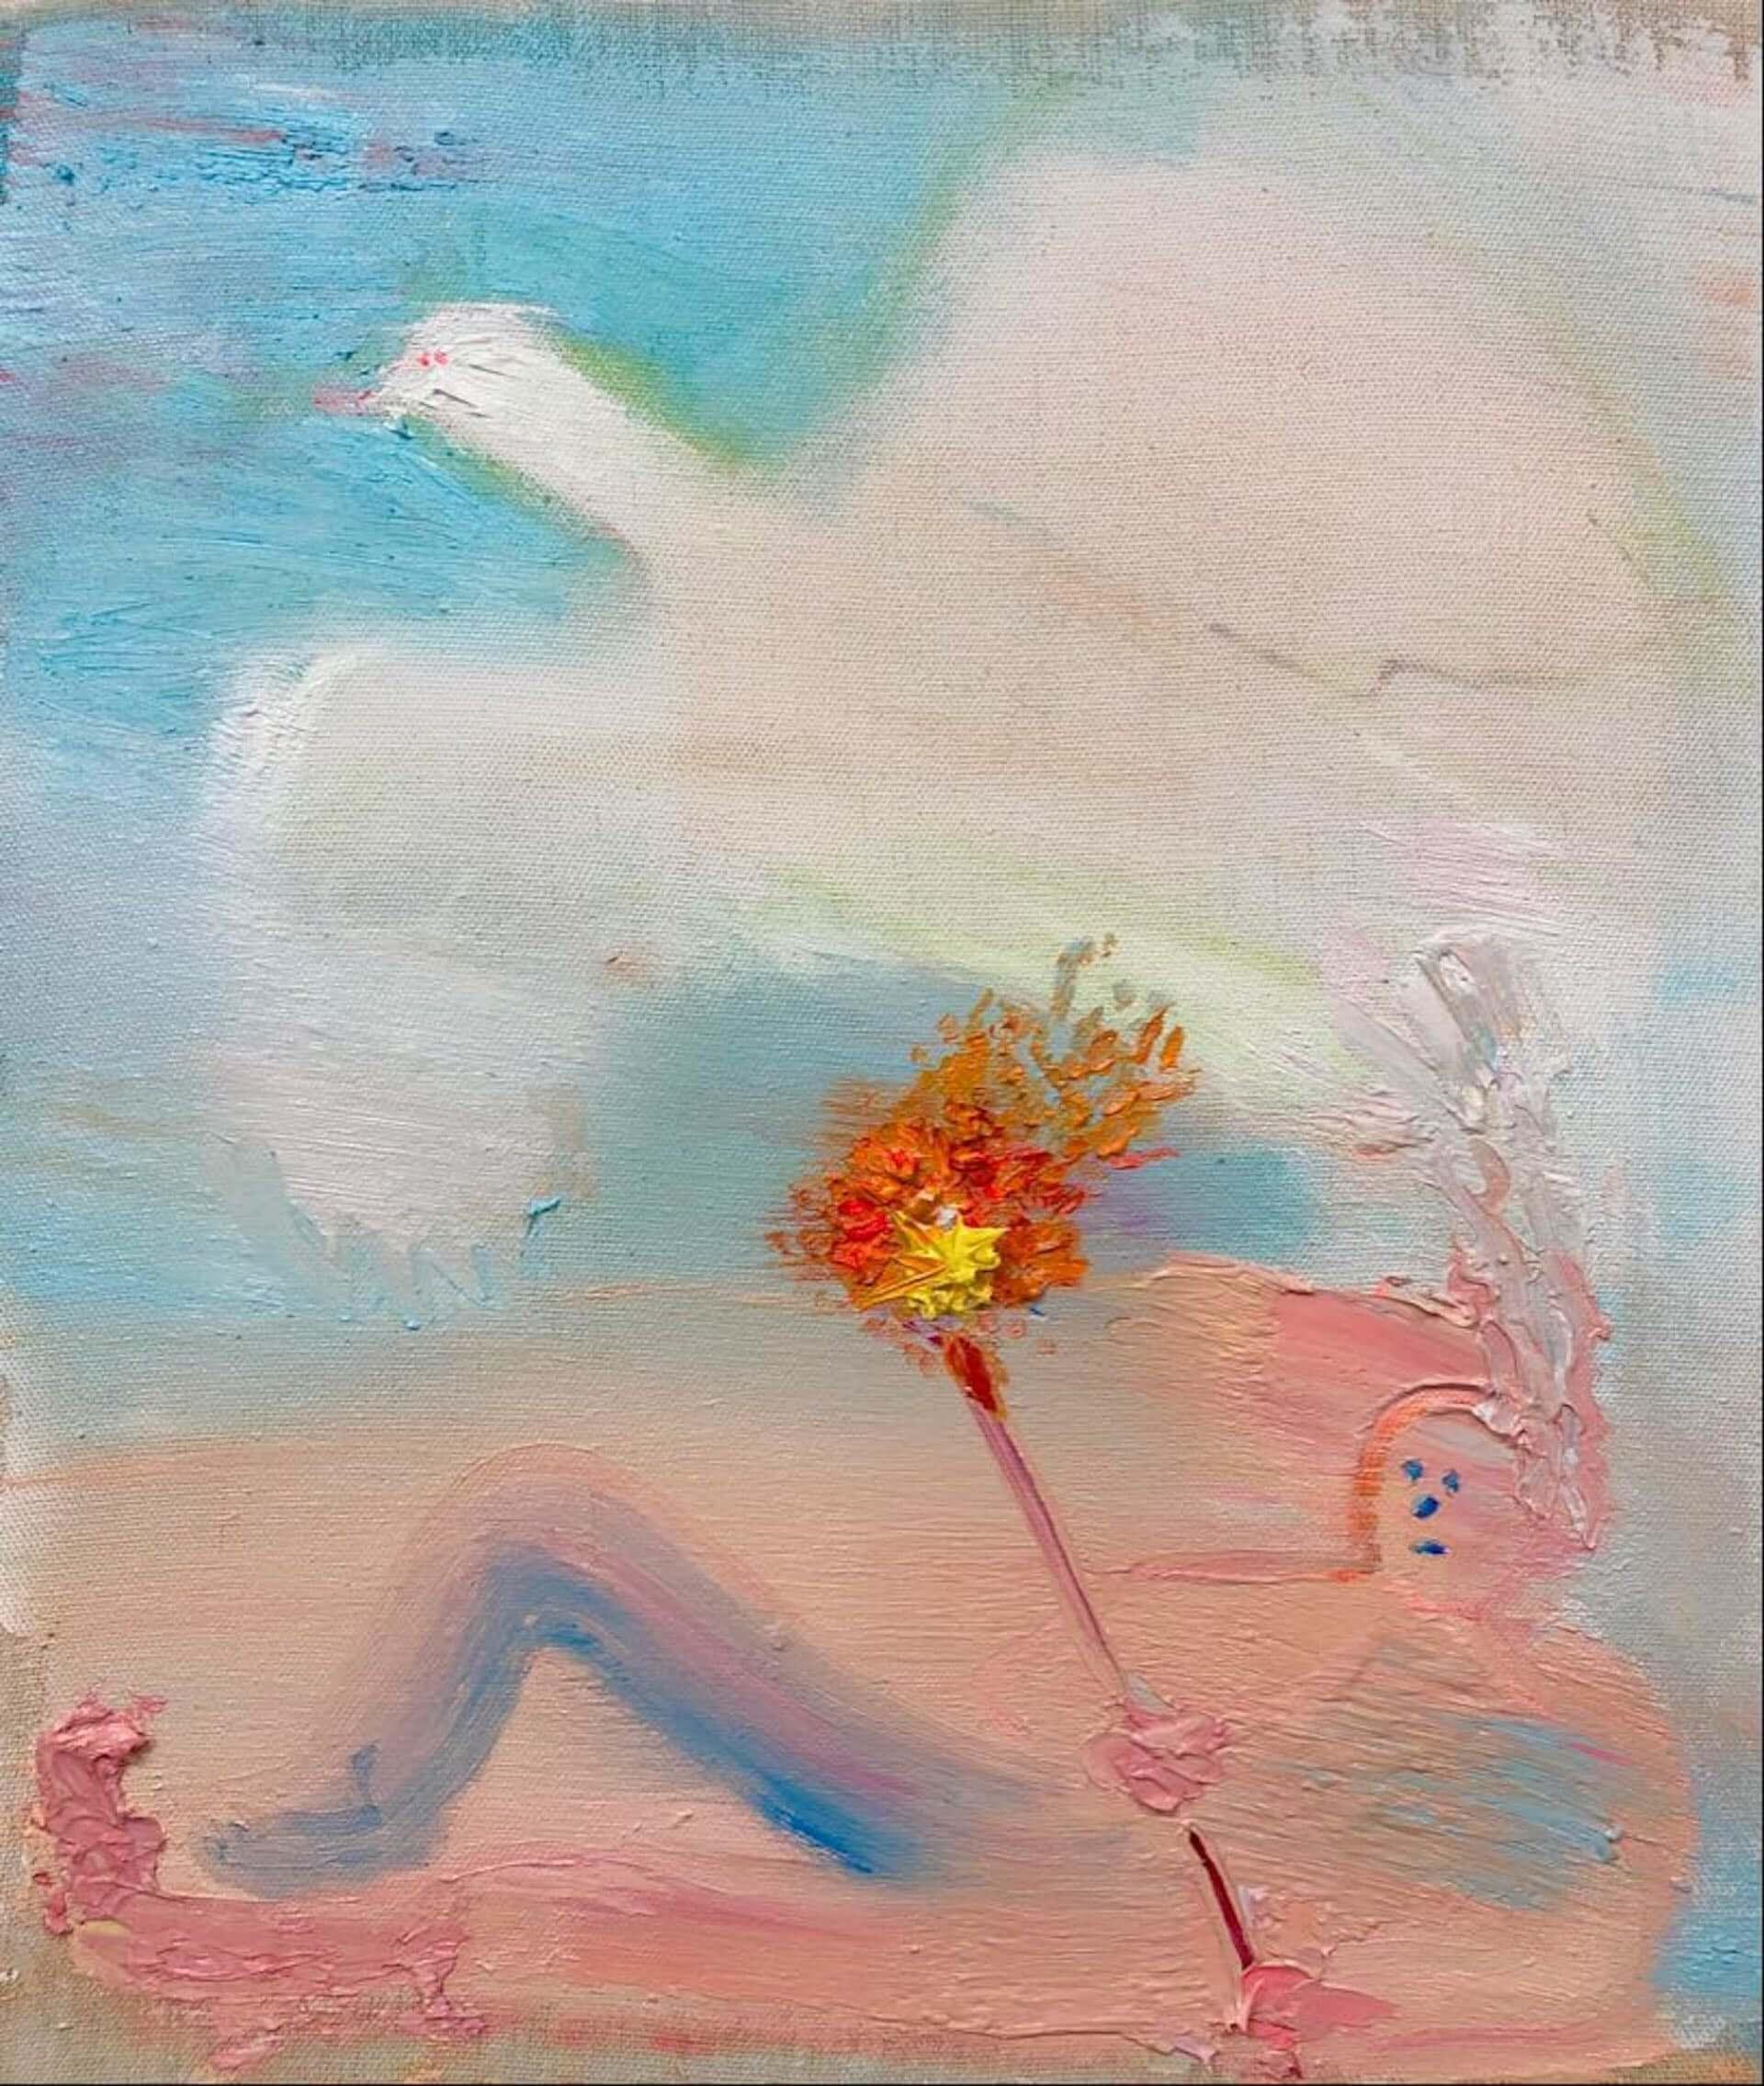 京都、奈良を拠点とする東慎也、米村優人の作品展<神の左手 悪魔の右手>が渋谷EUKARYOTEにて開催! art200722_eukaryote_5-1920x2270